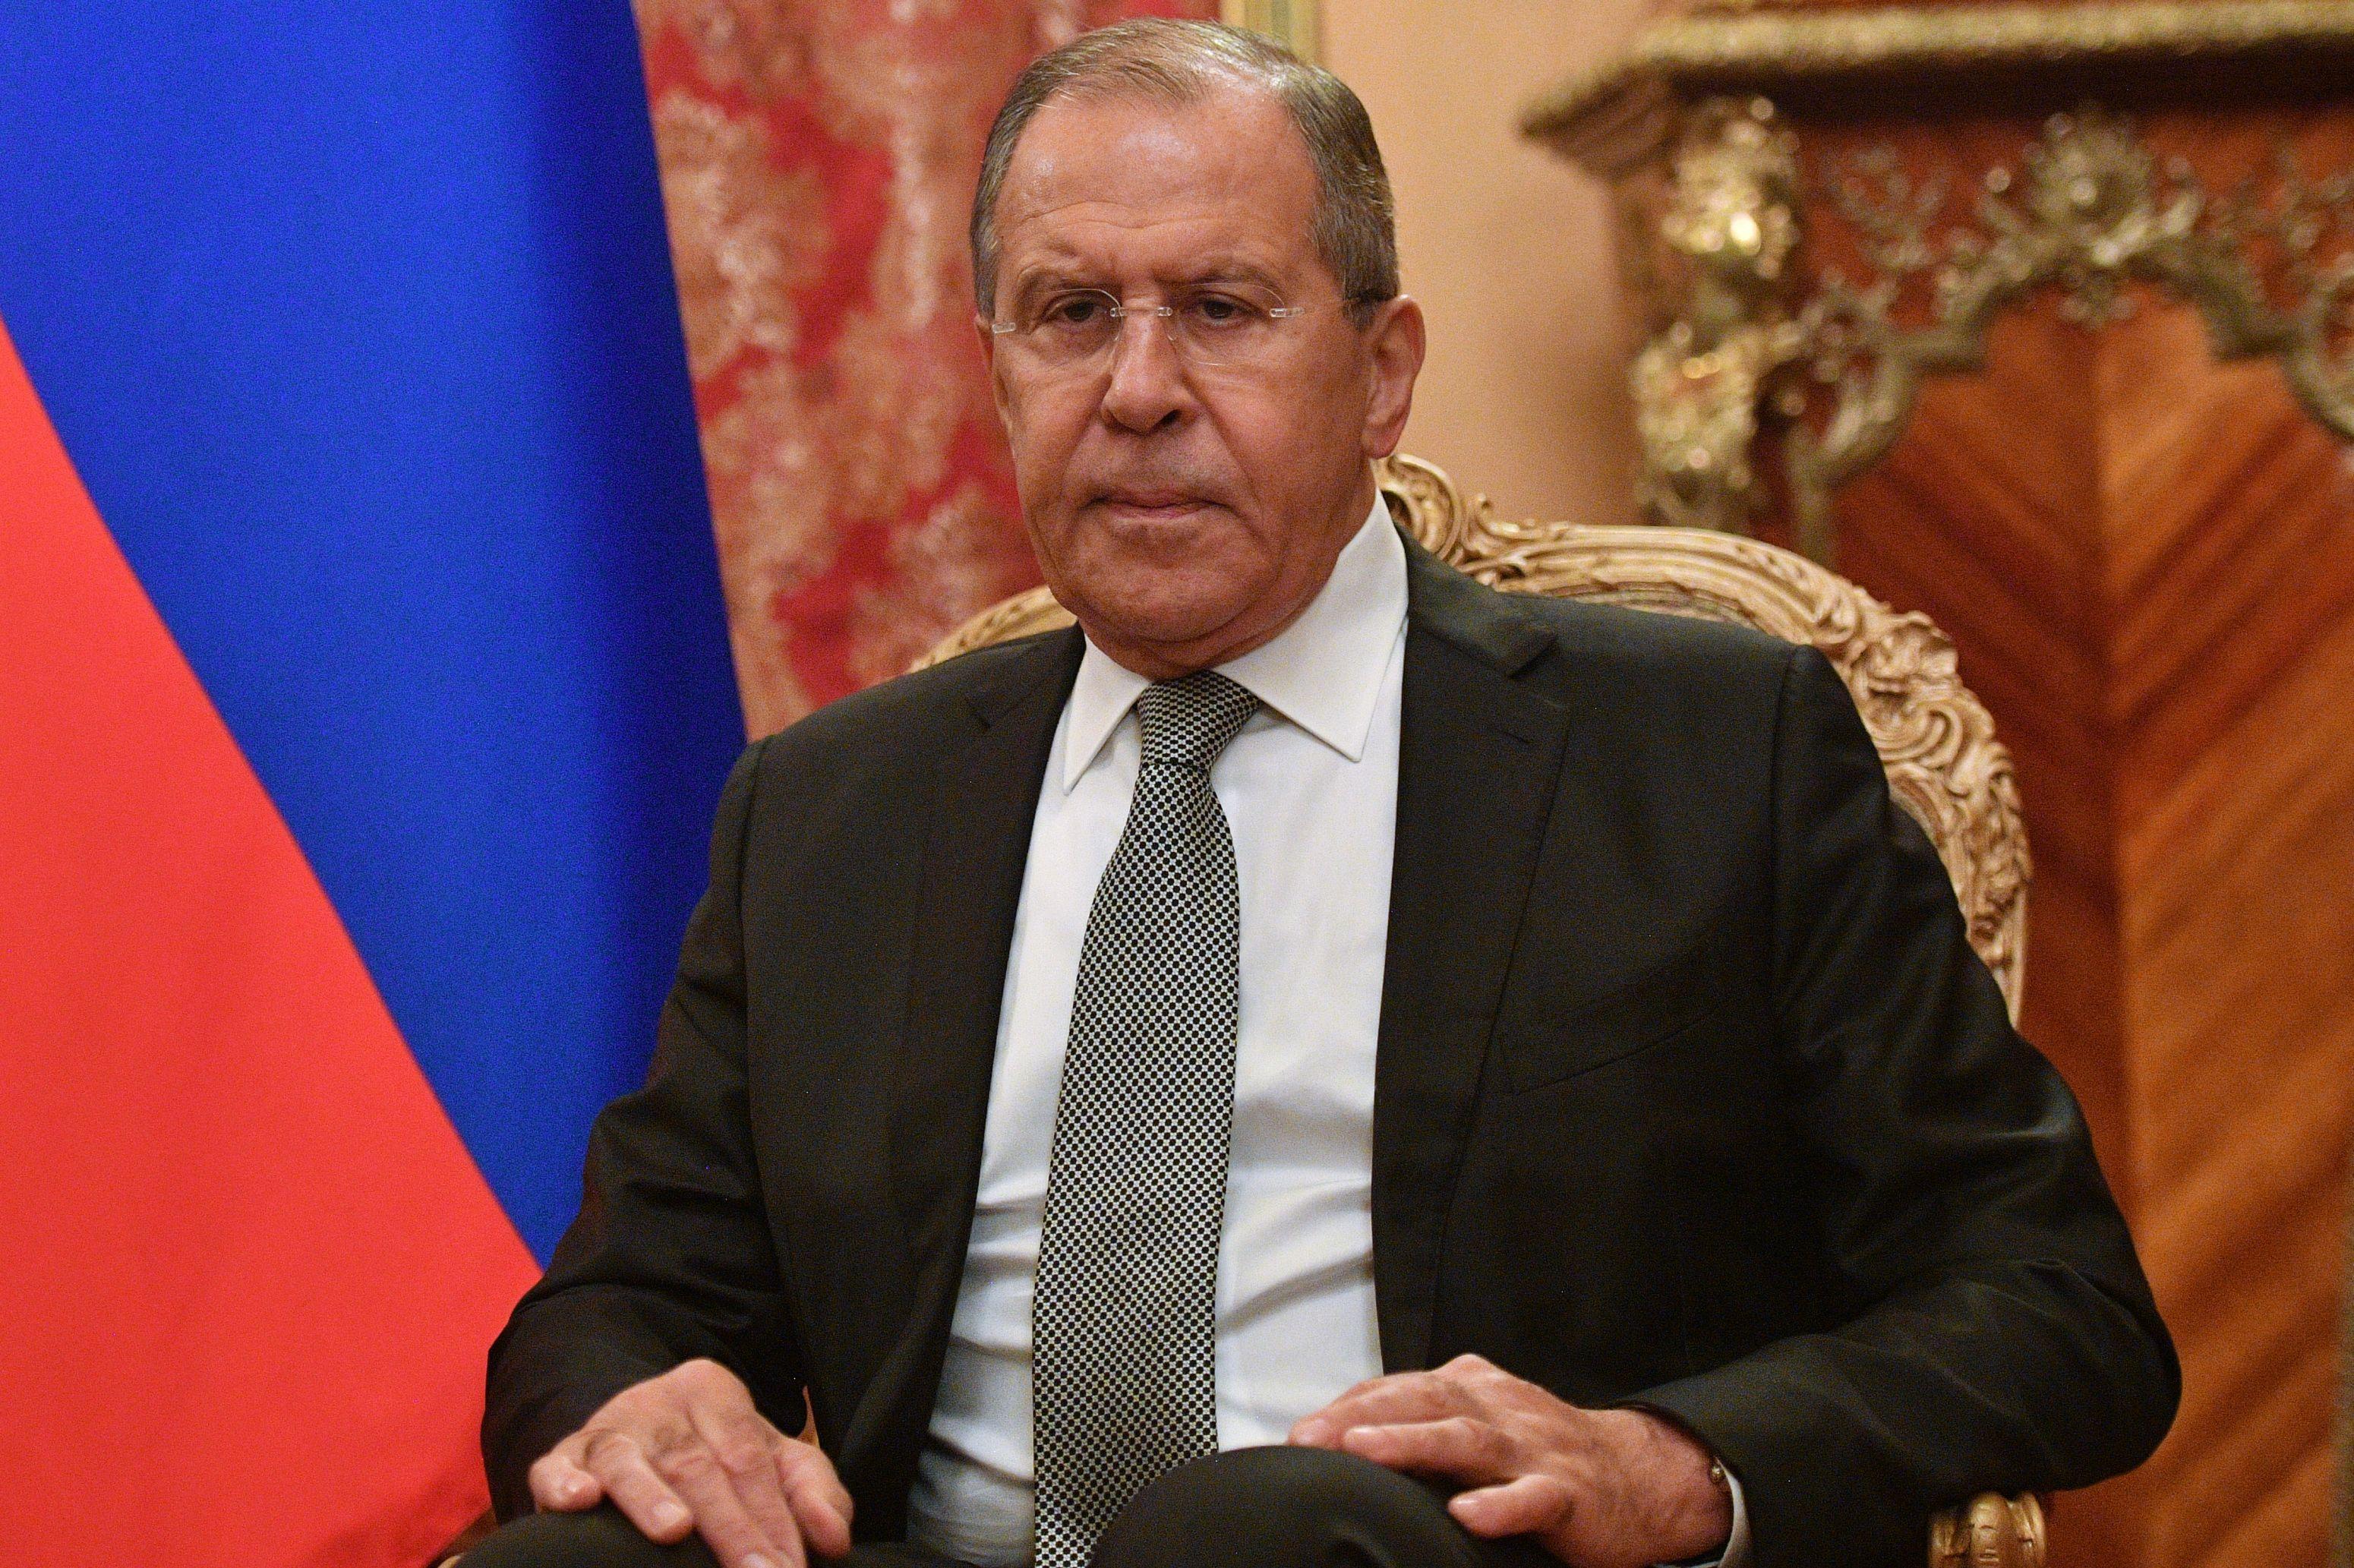 Lavrov, după ce foşti membri ai echipei de campanie a lui Trump au fost inculpaţi: `Nu există nicio dovadă` a presupuselor ingerinţe ruse în scrutinul prezidenţial din SUA